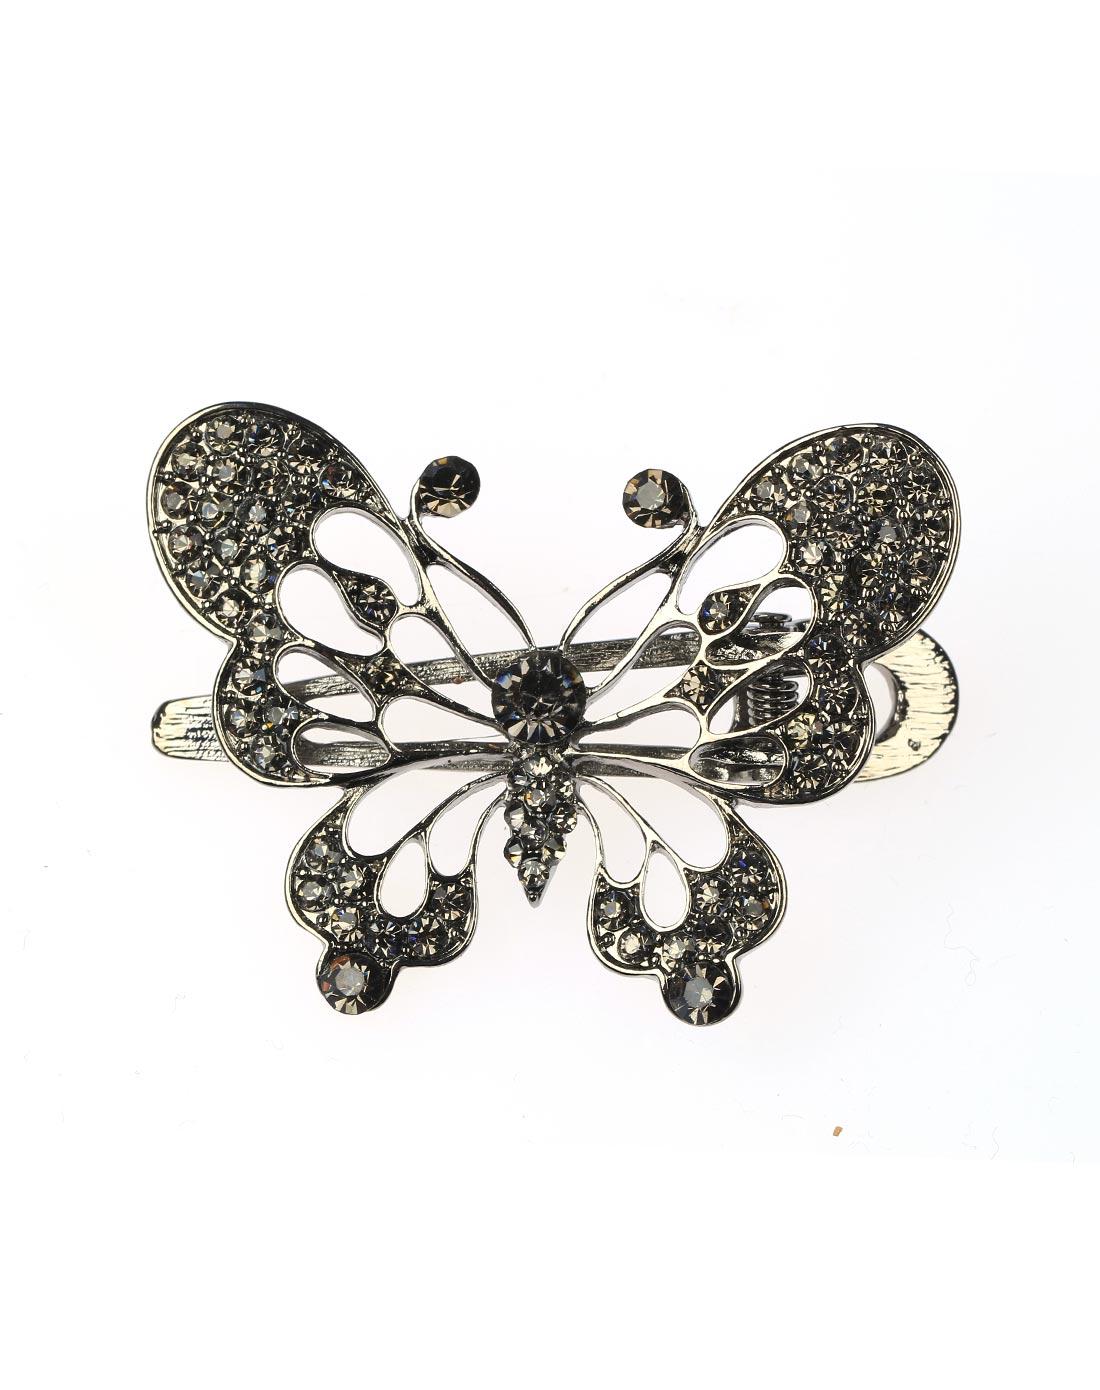 复古镂空蝴蝶发梳夹